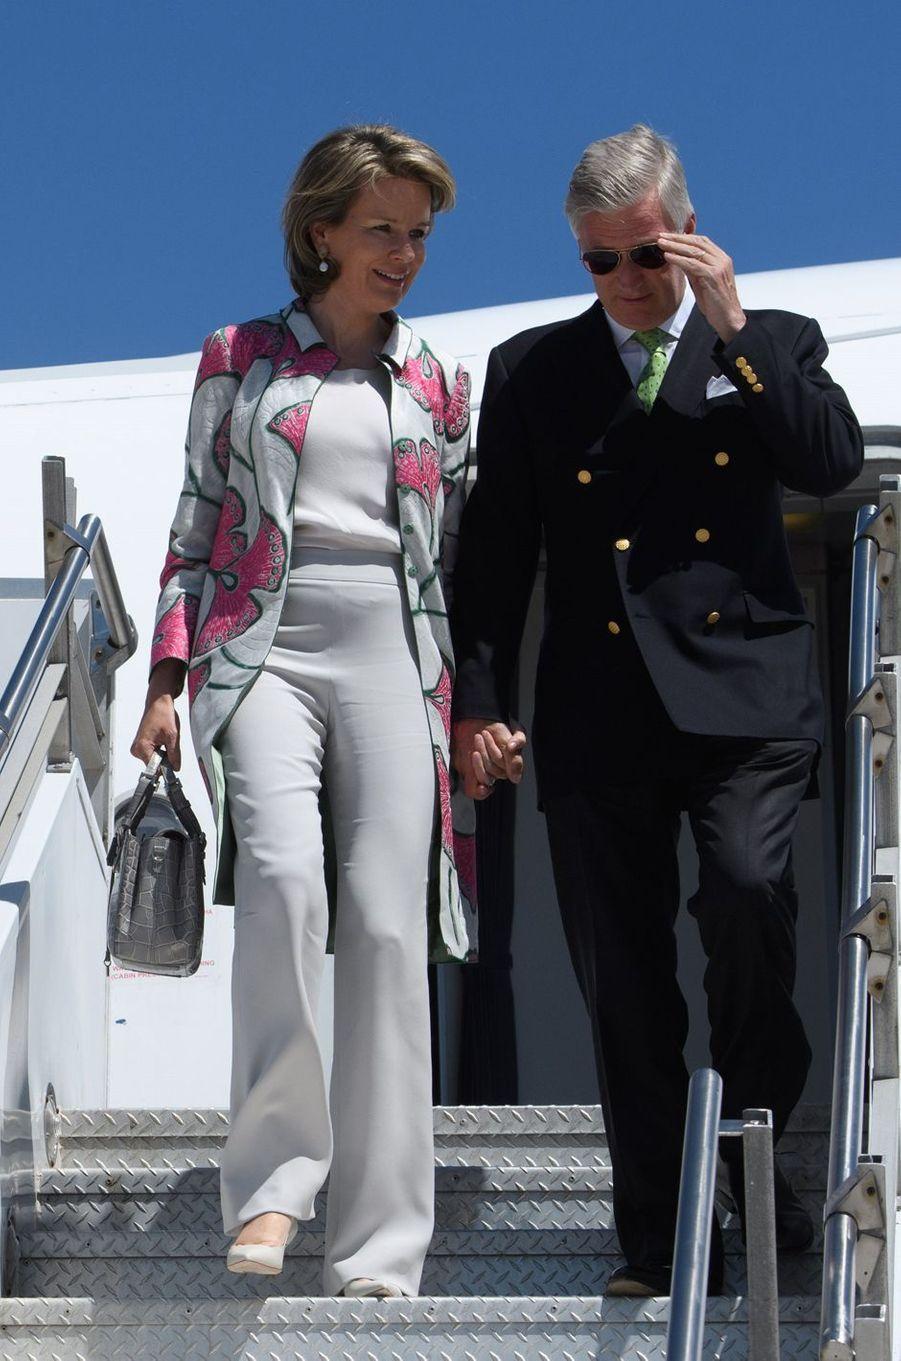 La reine Mathilde de Belgique dans un manteau Giorgio Armani à New York, le 23 avril 2018